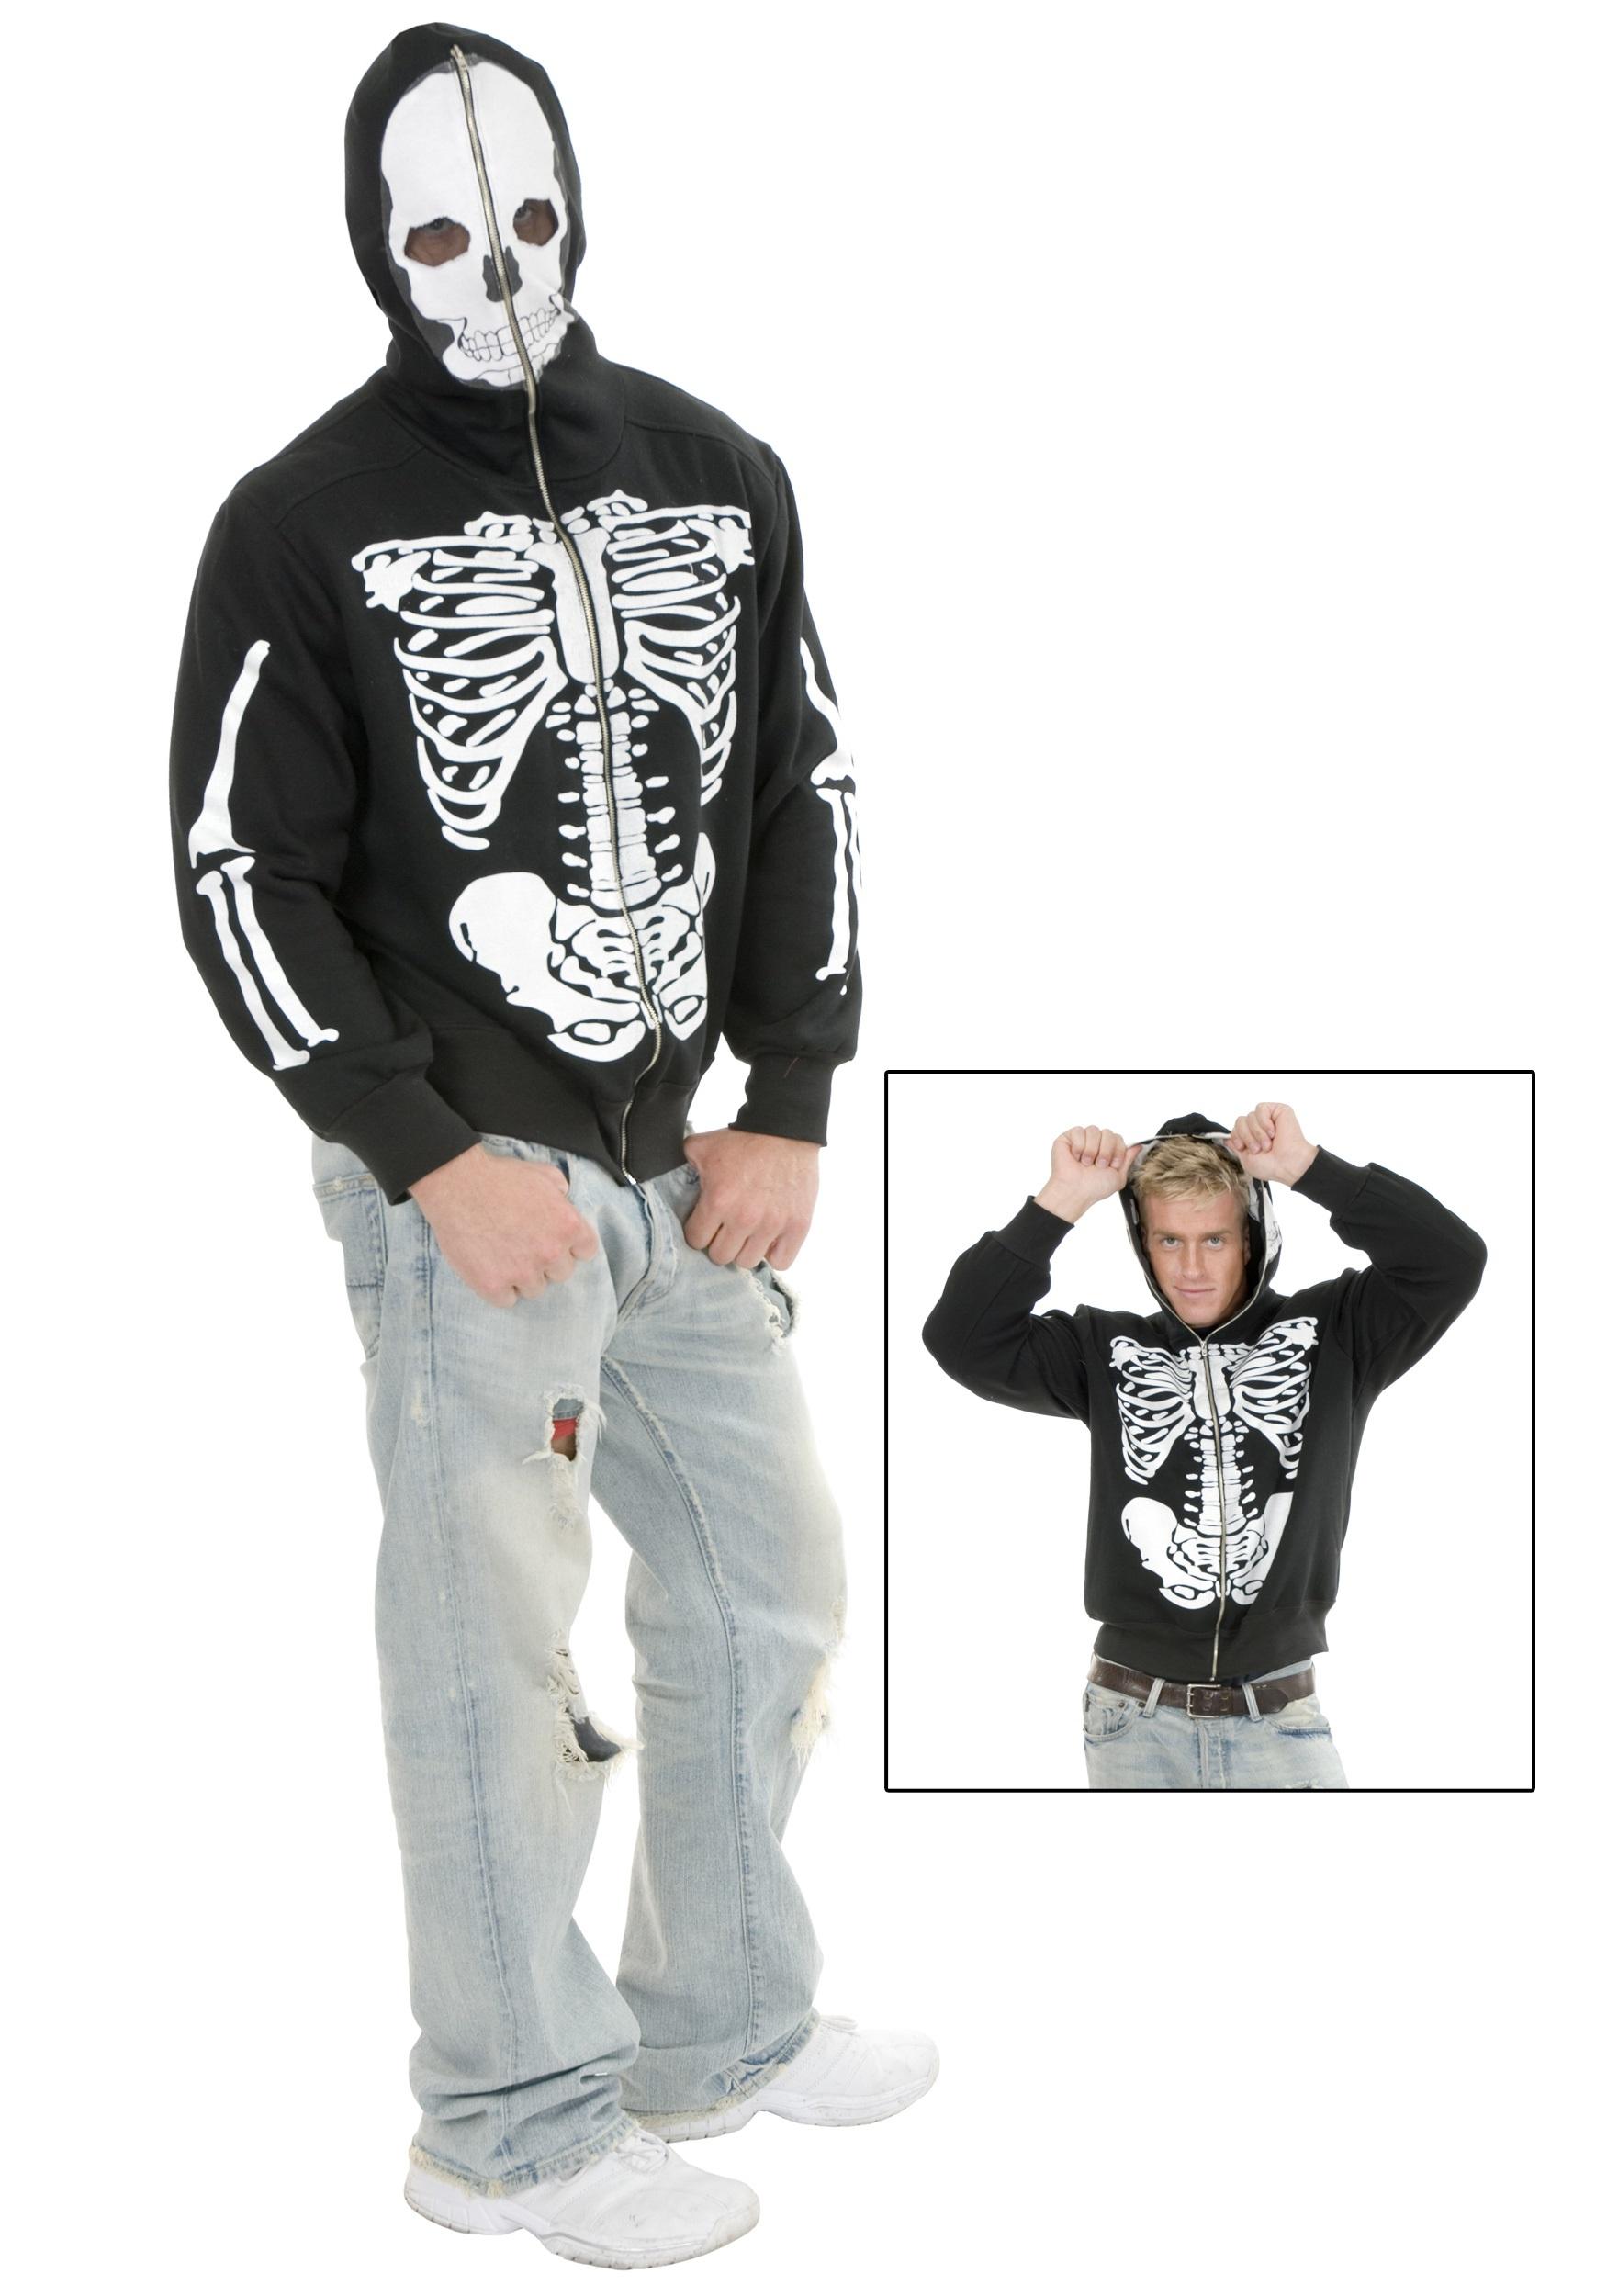 Skeleton hoodies